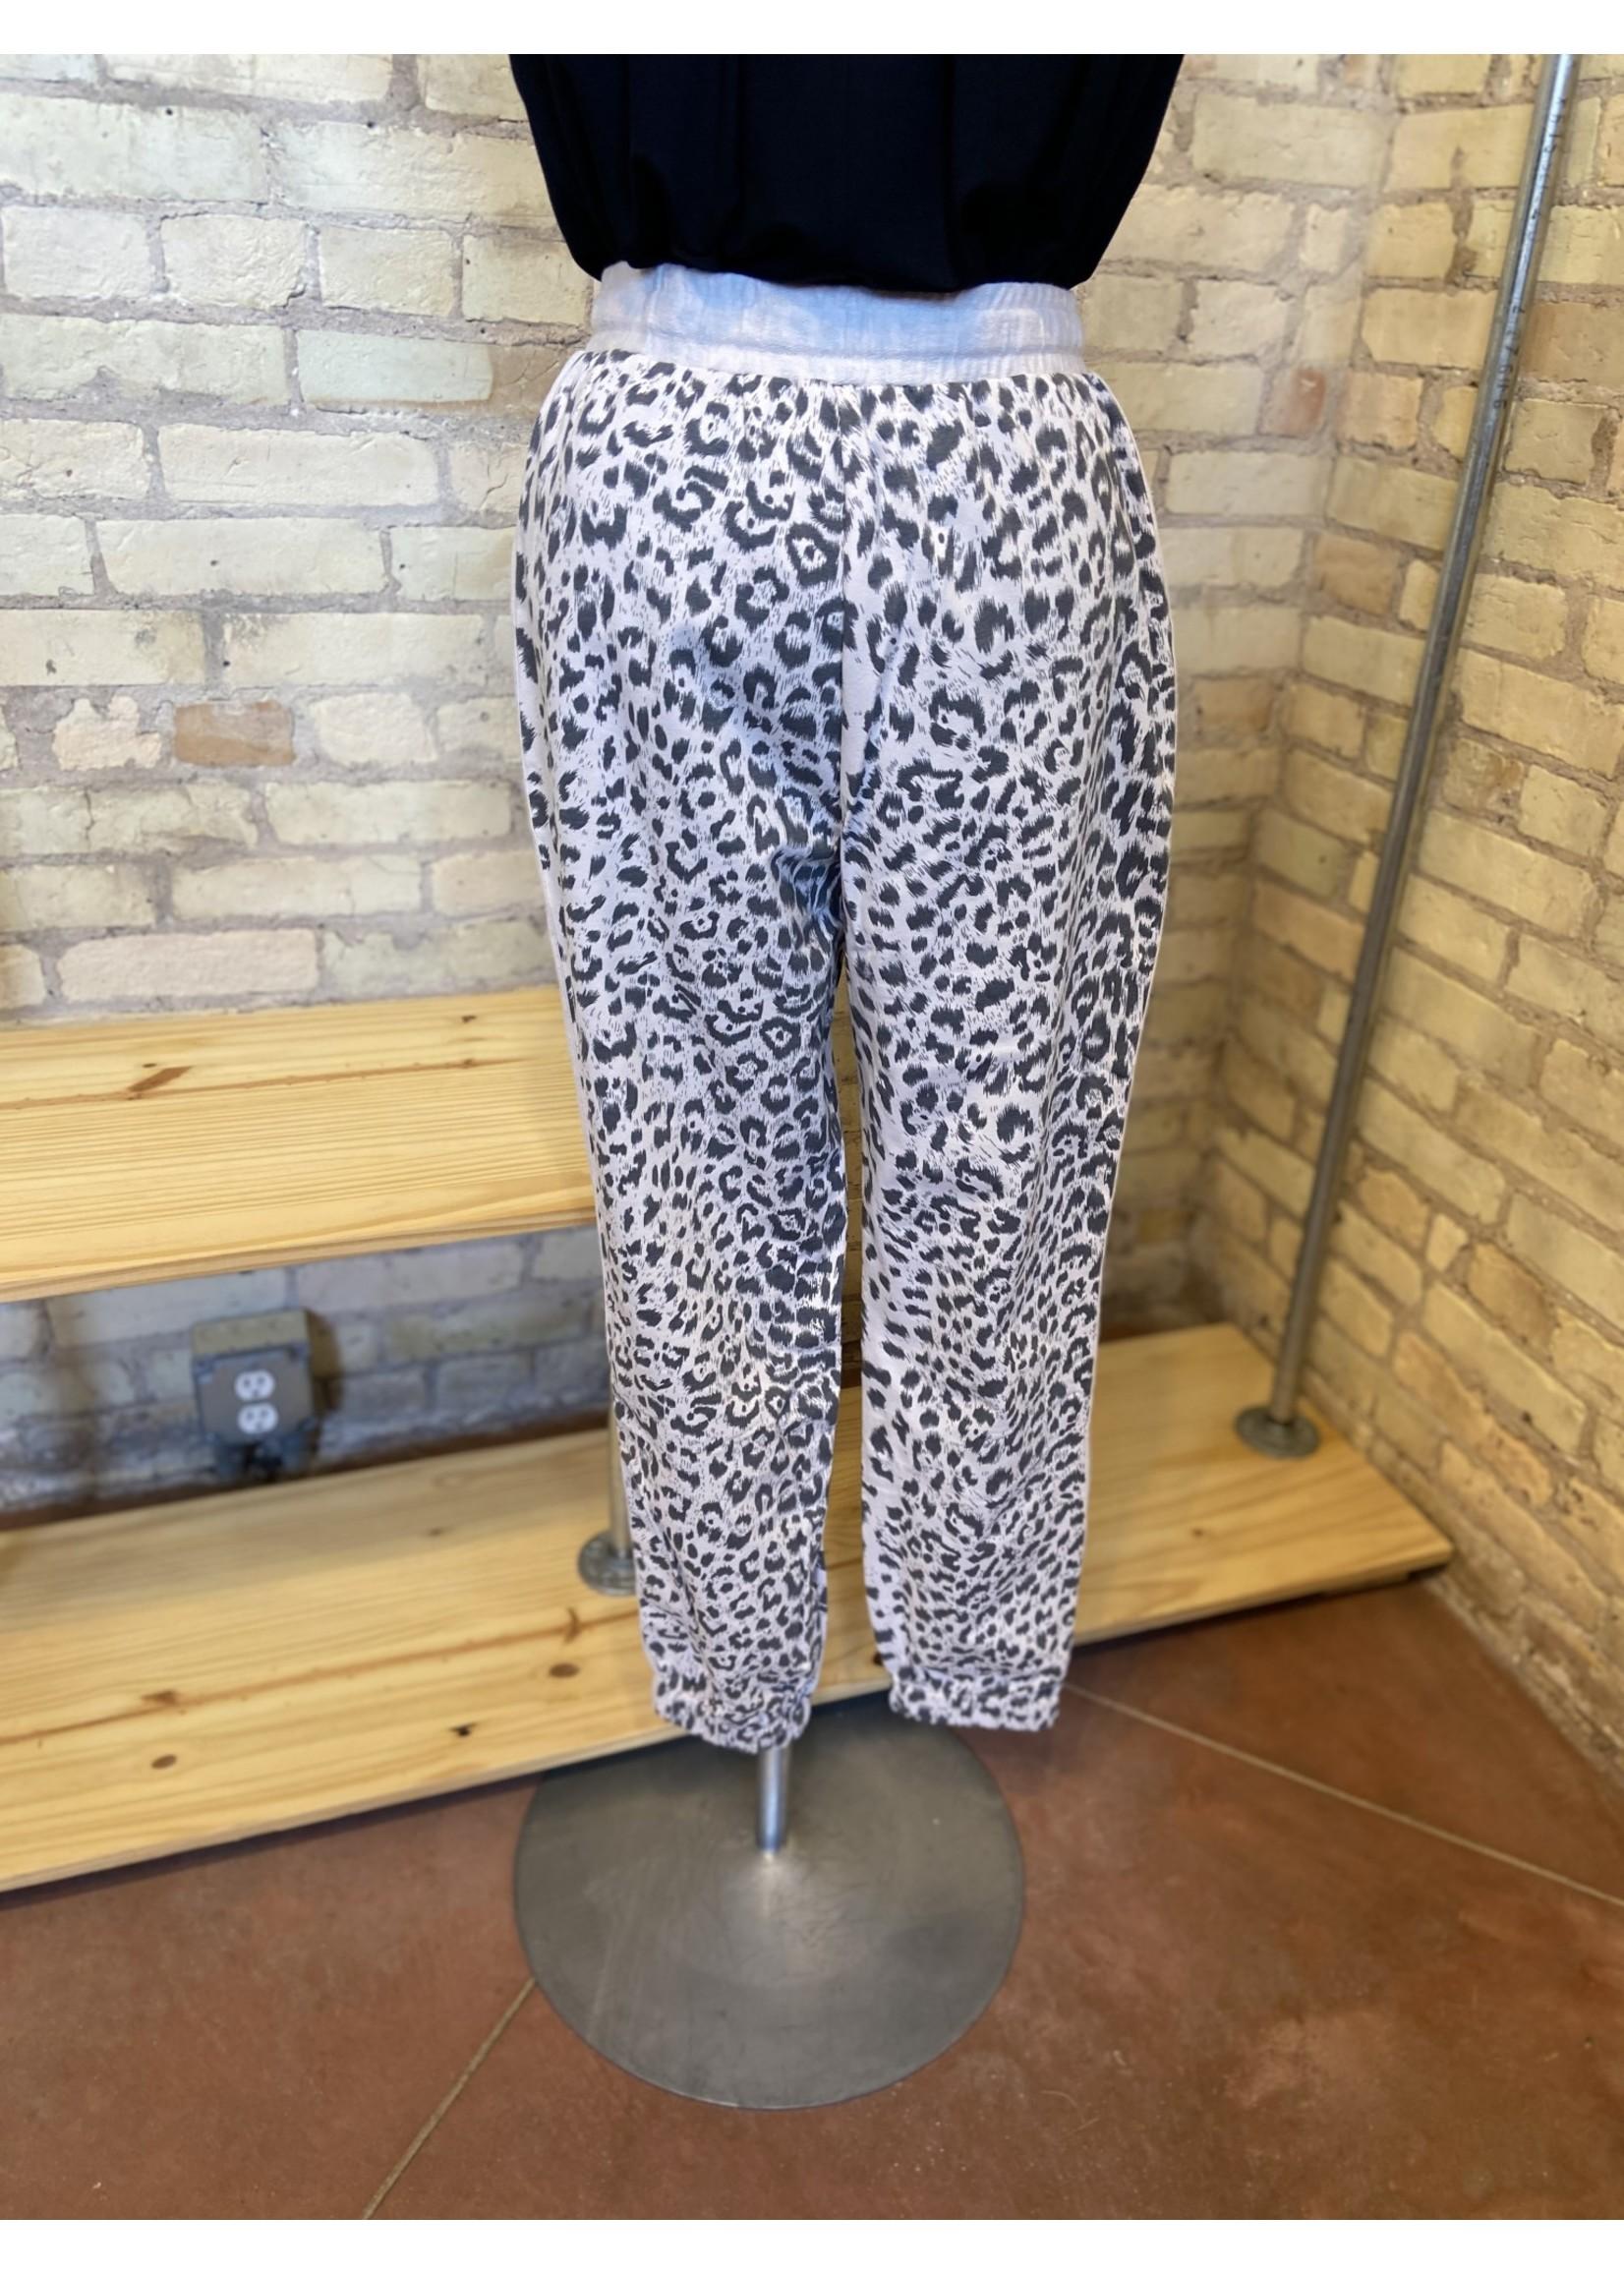 Loveriche Leopard Print Sweatpants